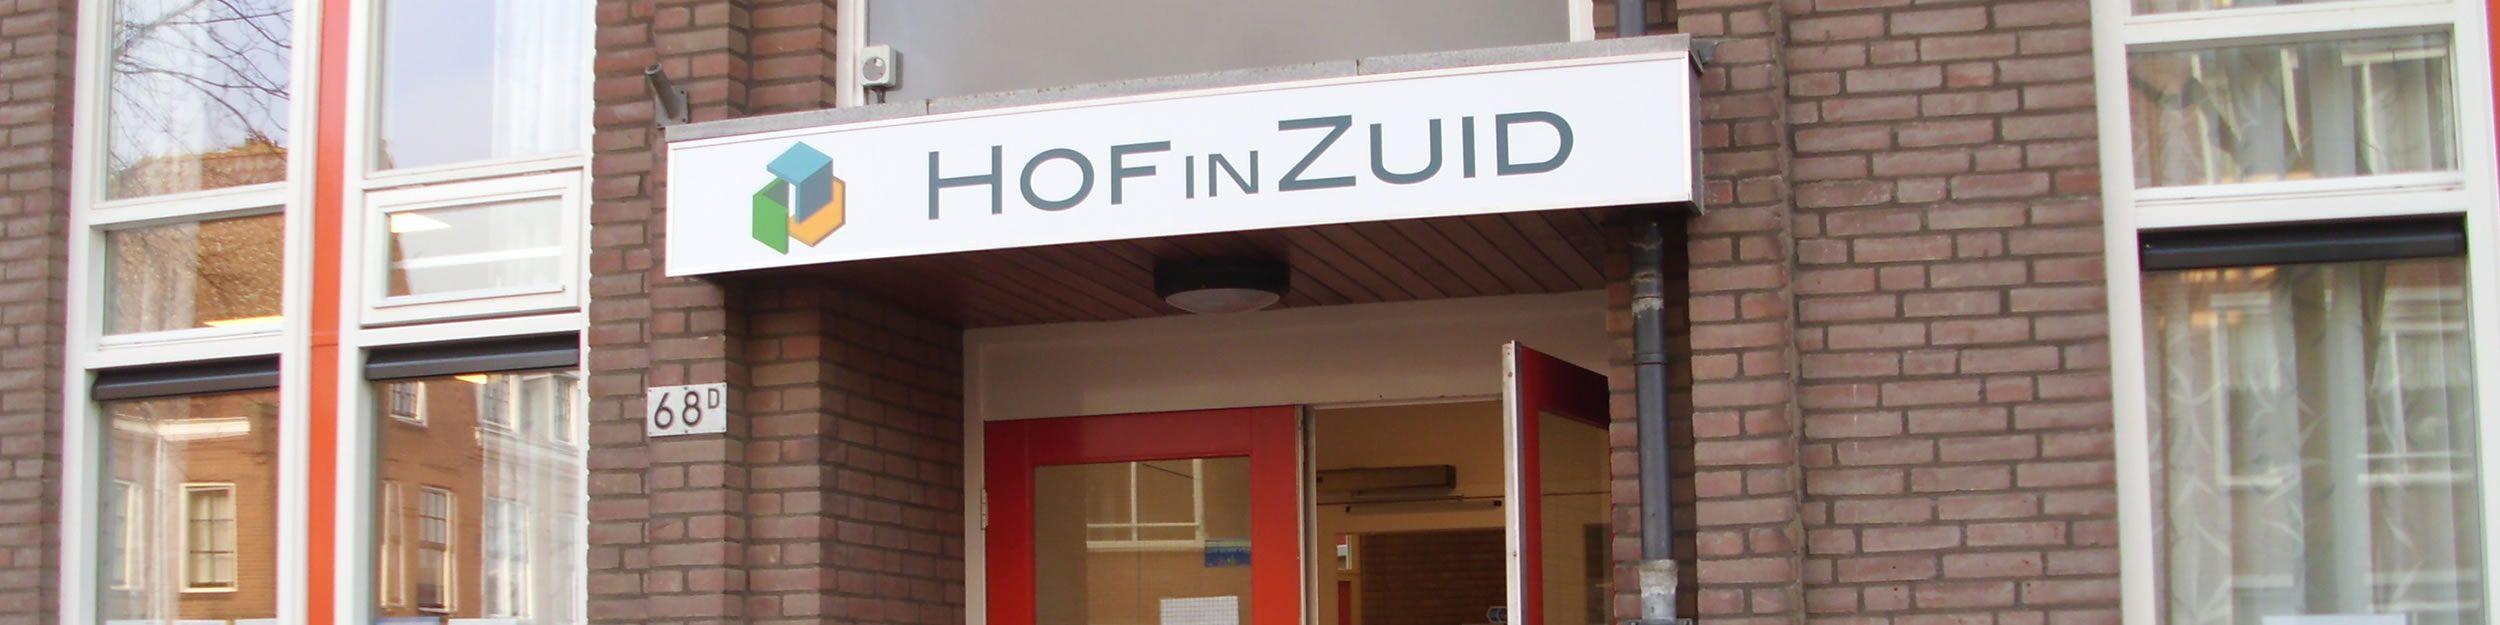 Hof in Zuid Schiedam